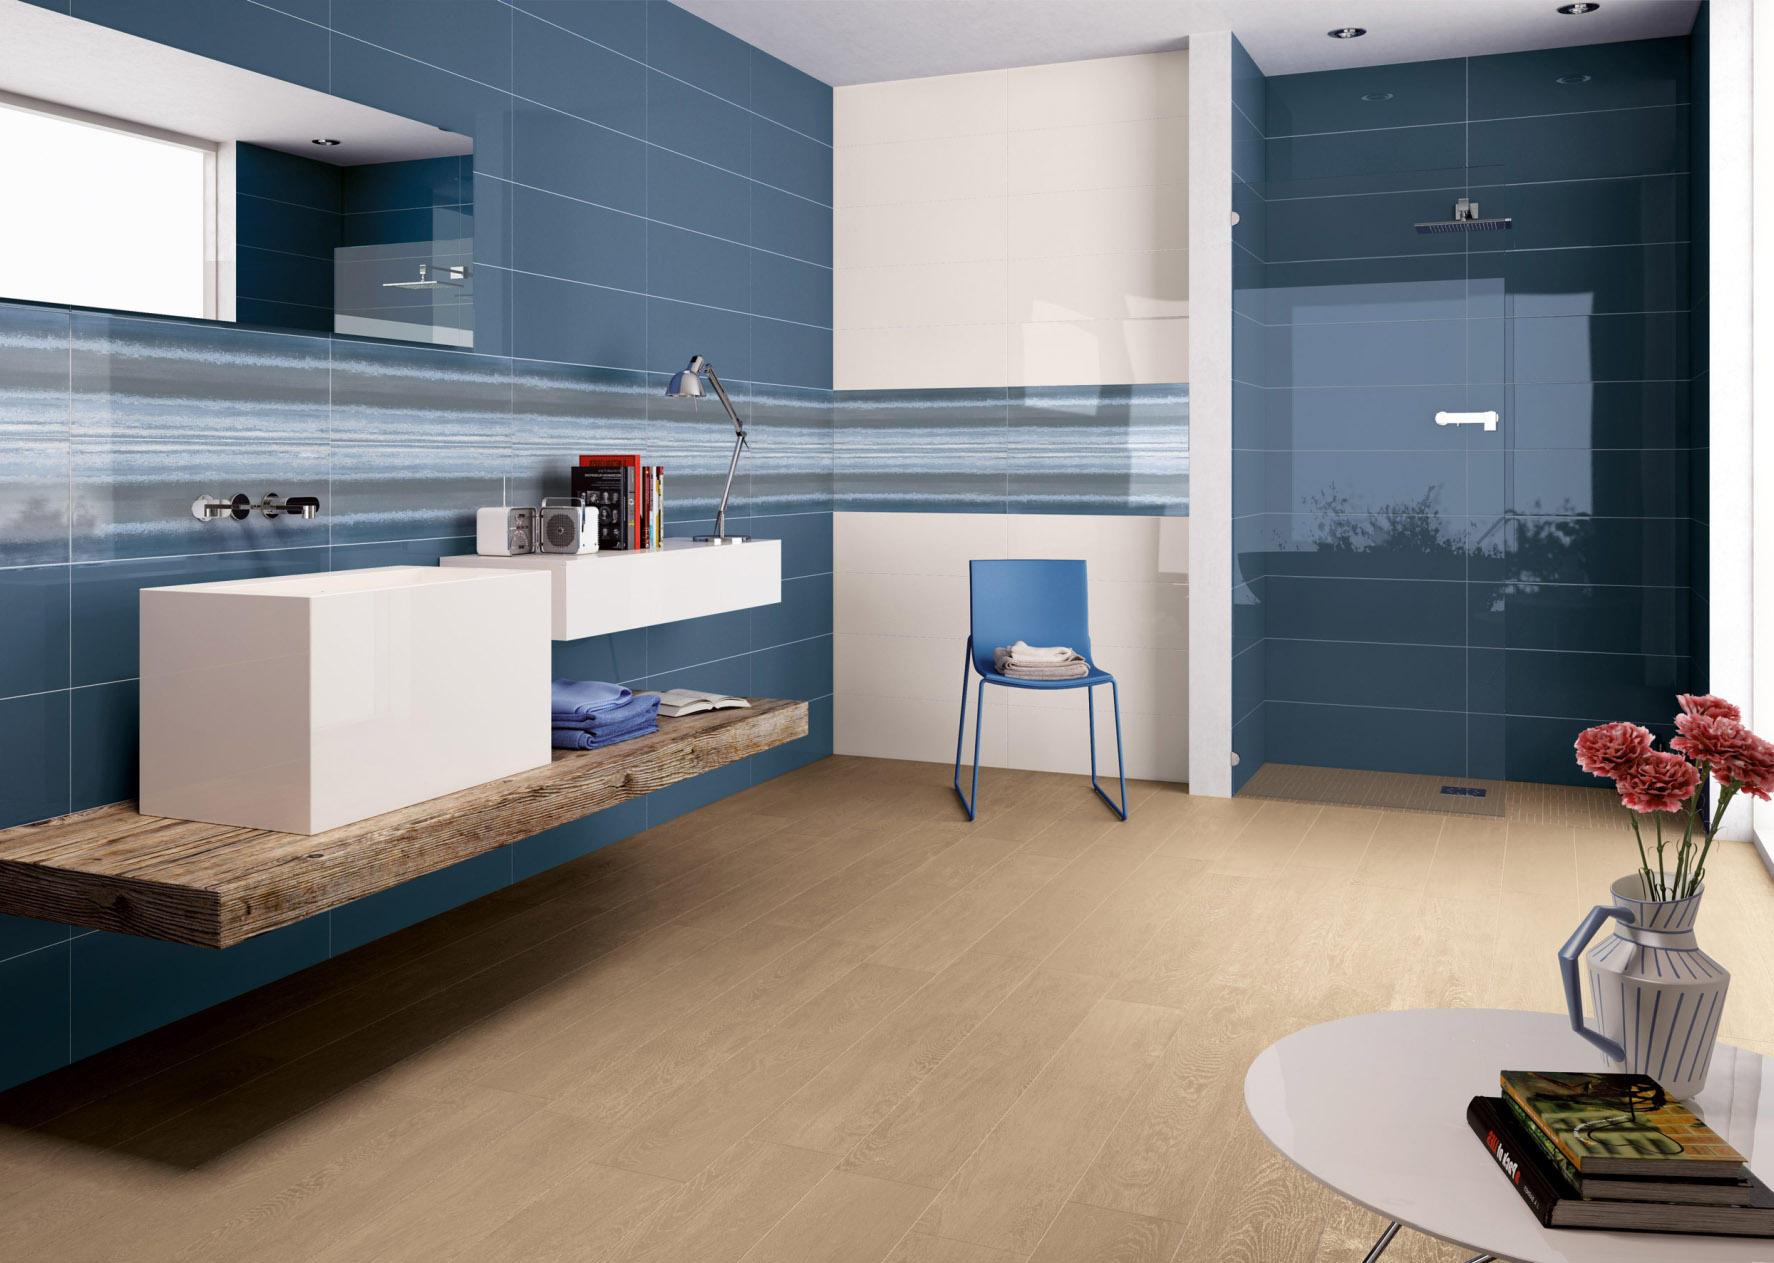 Bagno Beige E Marrone : Piastrelle bagno marrone trendy bagni moderni beige con